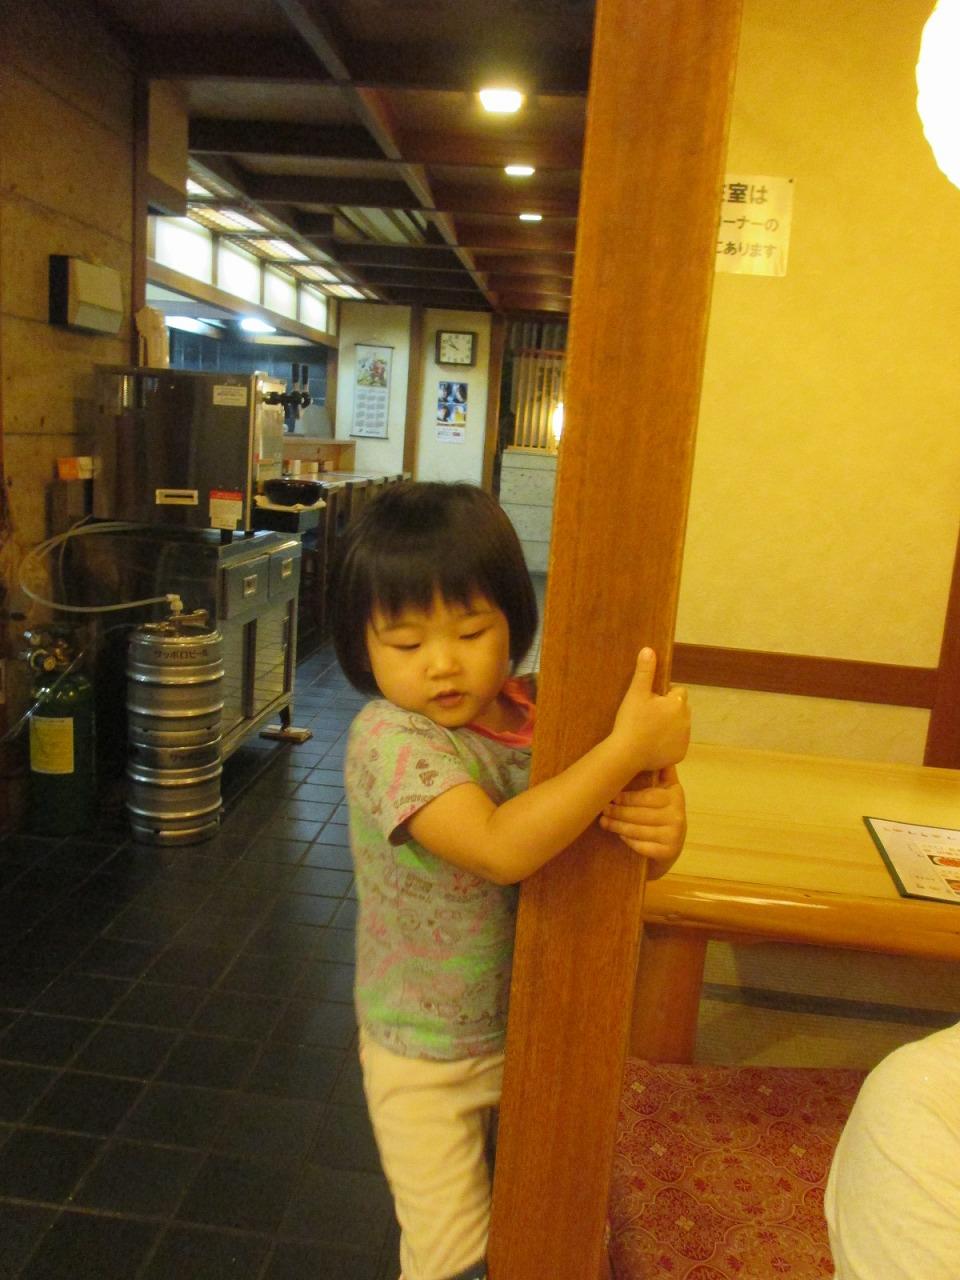 8月22日(金)・・26年度・お盆・家族旅行①_f0202703_22234333.jpg